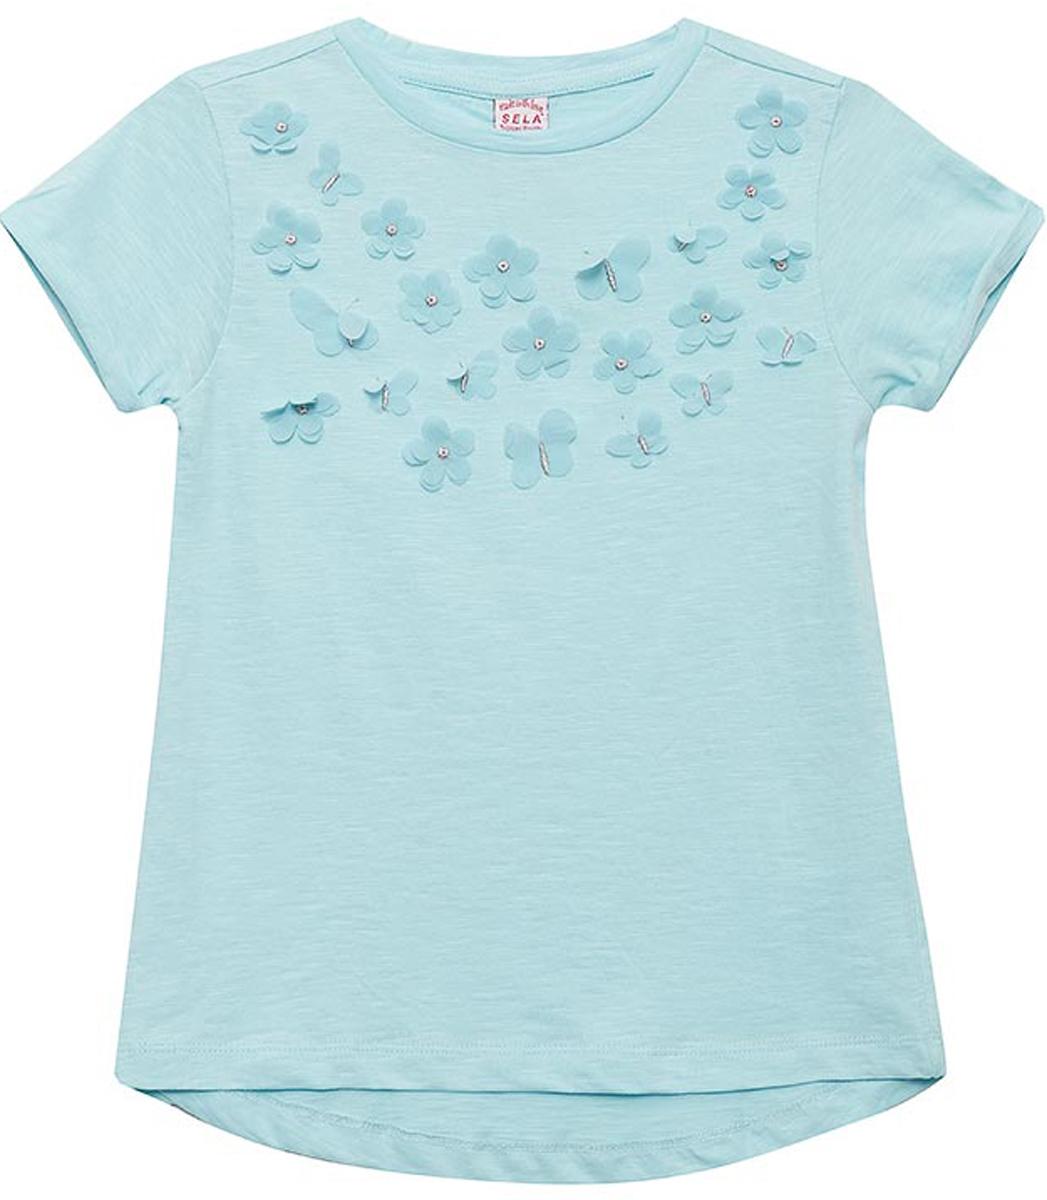 Футболка для девочки Sela, цвет: голубой. Ts-611/1195-8131. Размер 128Ts-611/1195-8131Футболка для девочки Sela выполнена из натурального хлопка. Модель с круглым вырезом горловины и короткими рукавами.